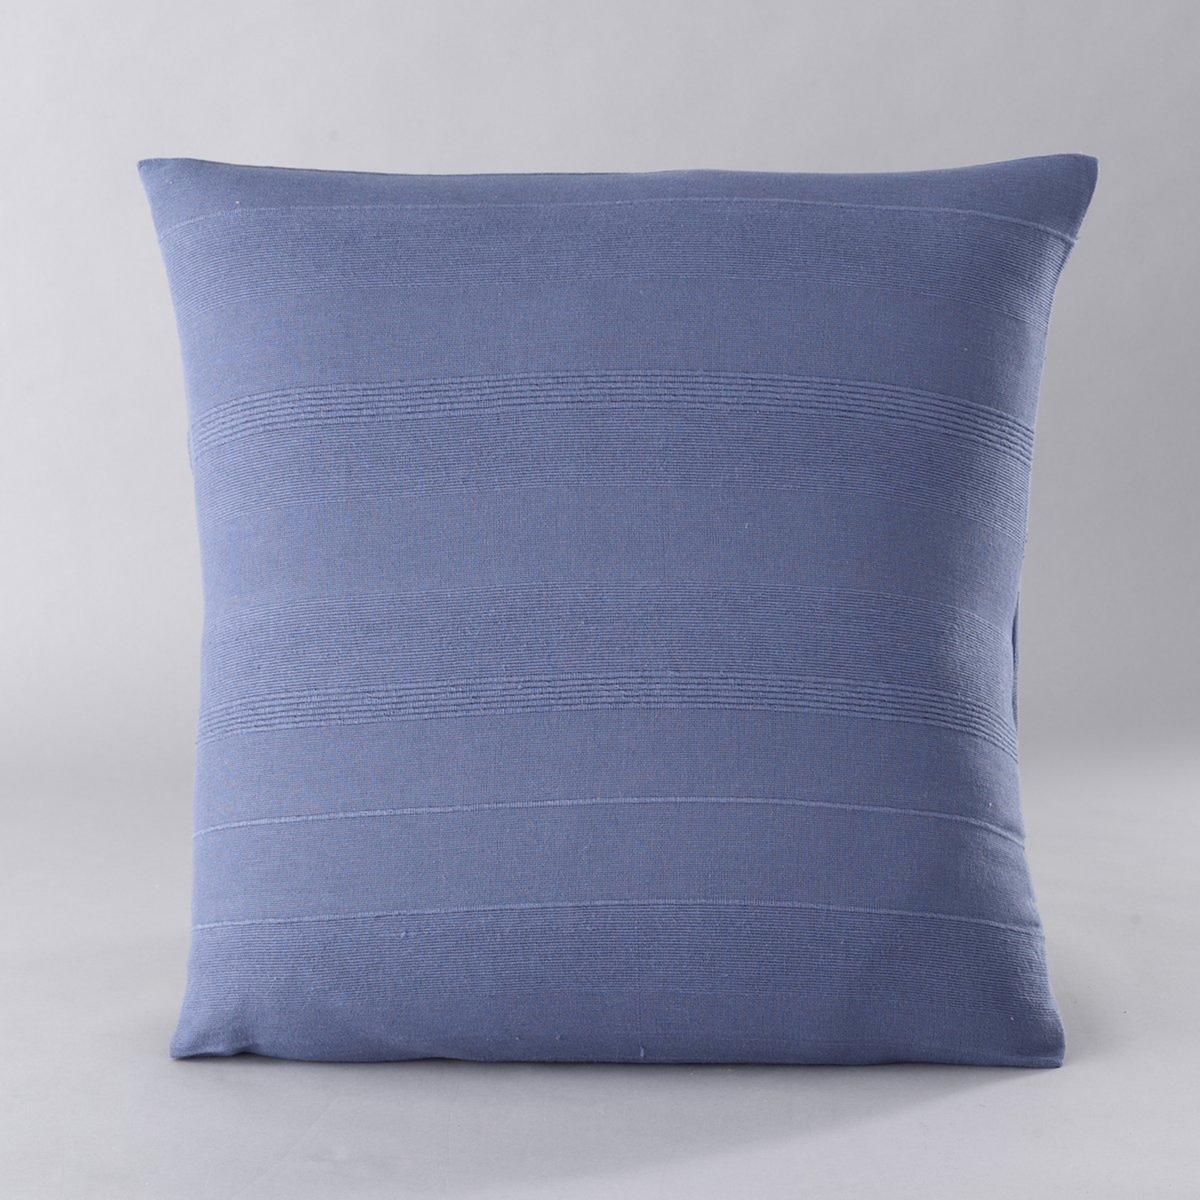 Наволочка на подушку-валик или наволочка на подушку, NEDO